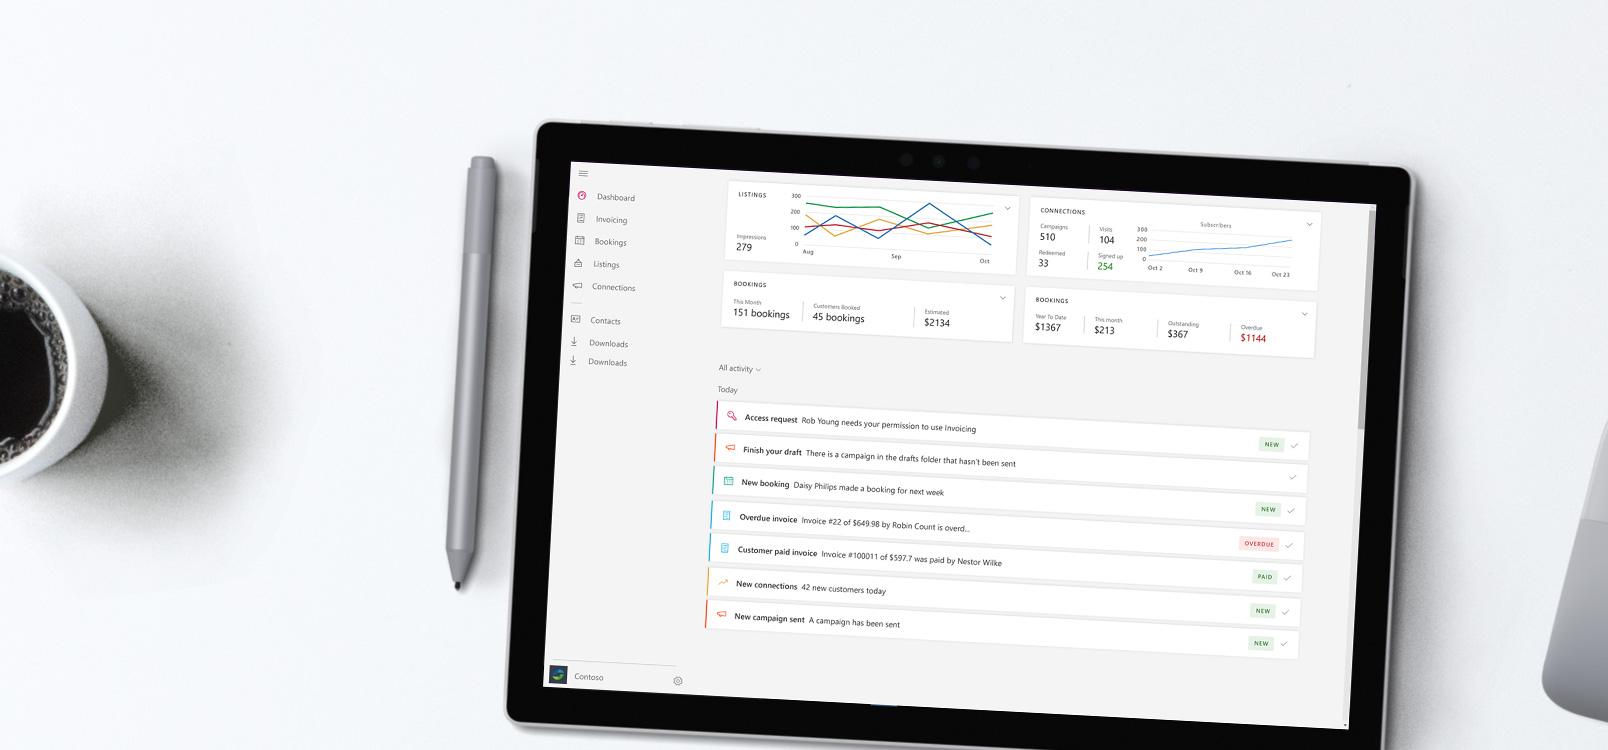 Kannettava, jonka näytöllä näkyy Office 365 Business center